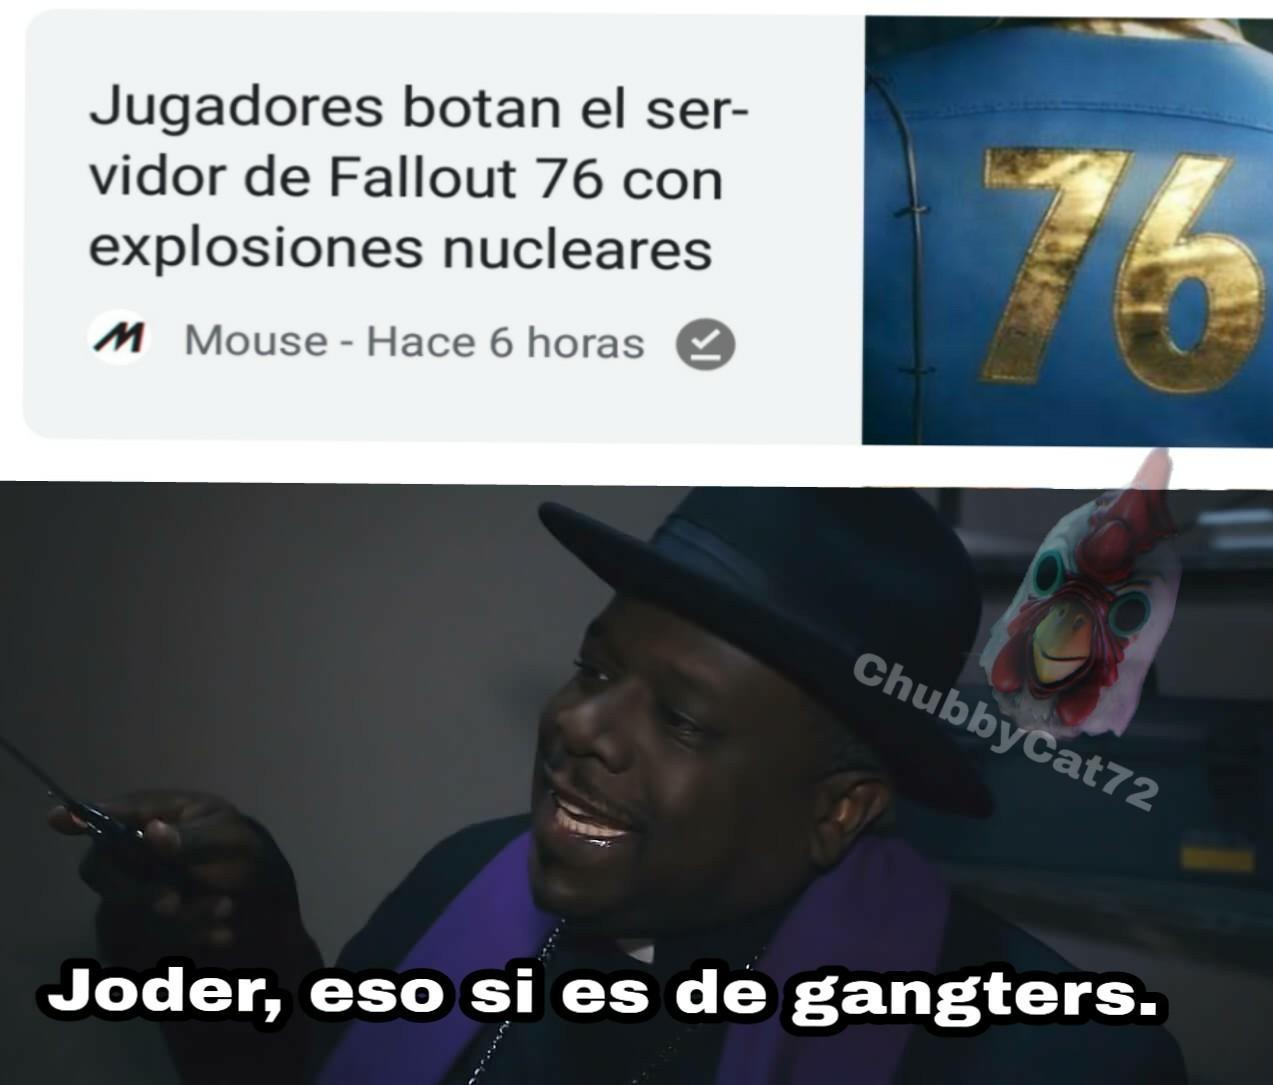 Fallout 76 Online es la mensa volada - meme